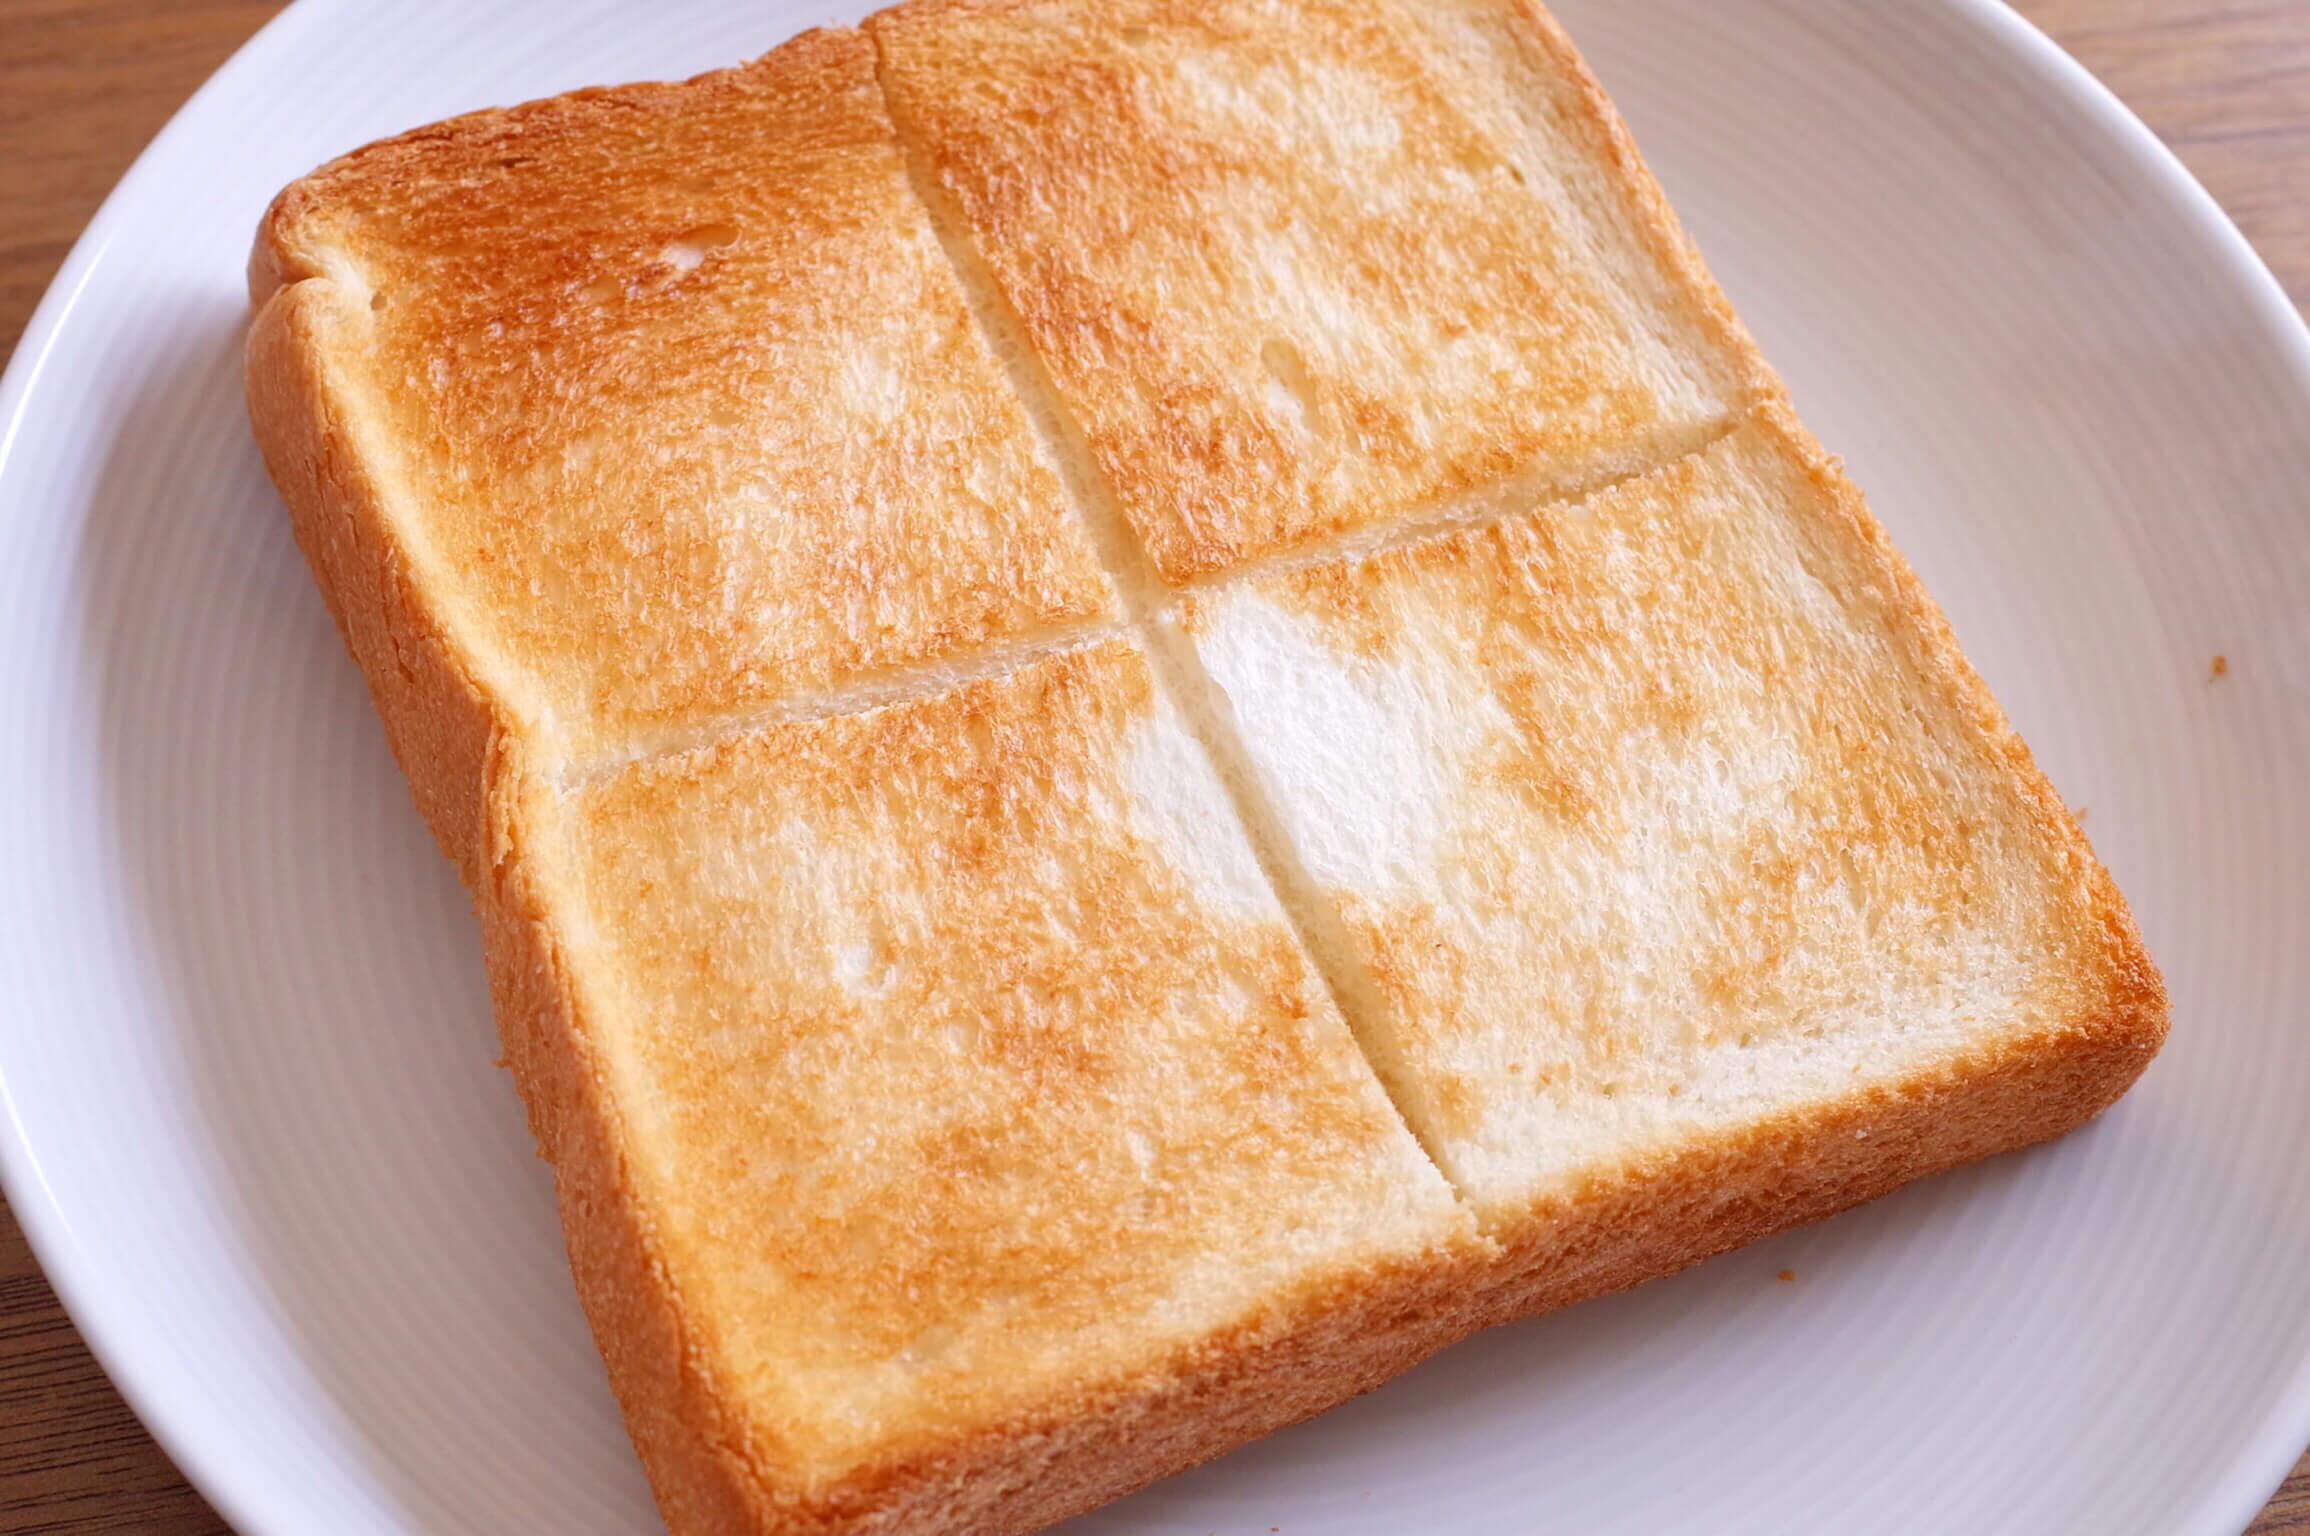 バルミューダ トースター | 毎朝美味しさで幸せに包まれる。食パンに刻め!美味しさのグランドクロス!